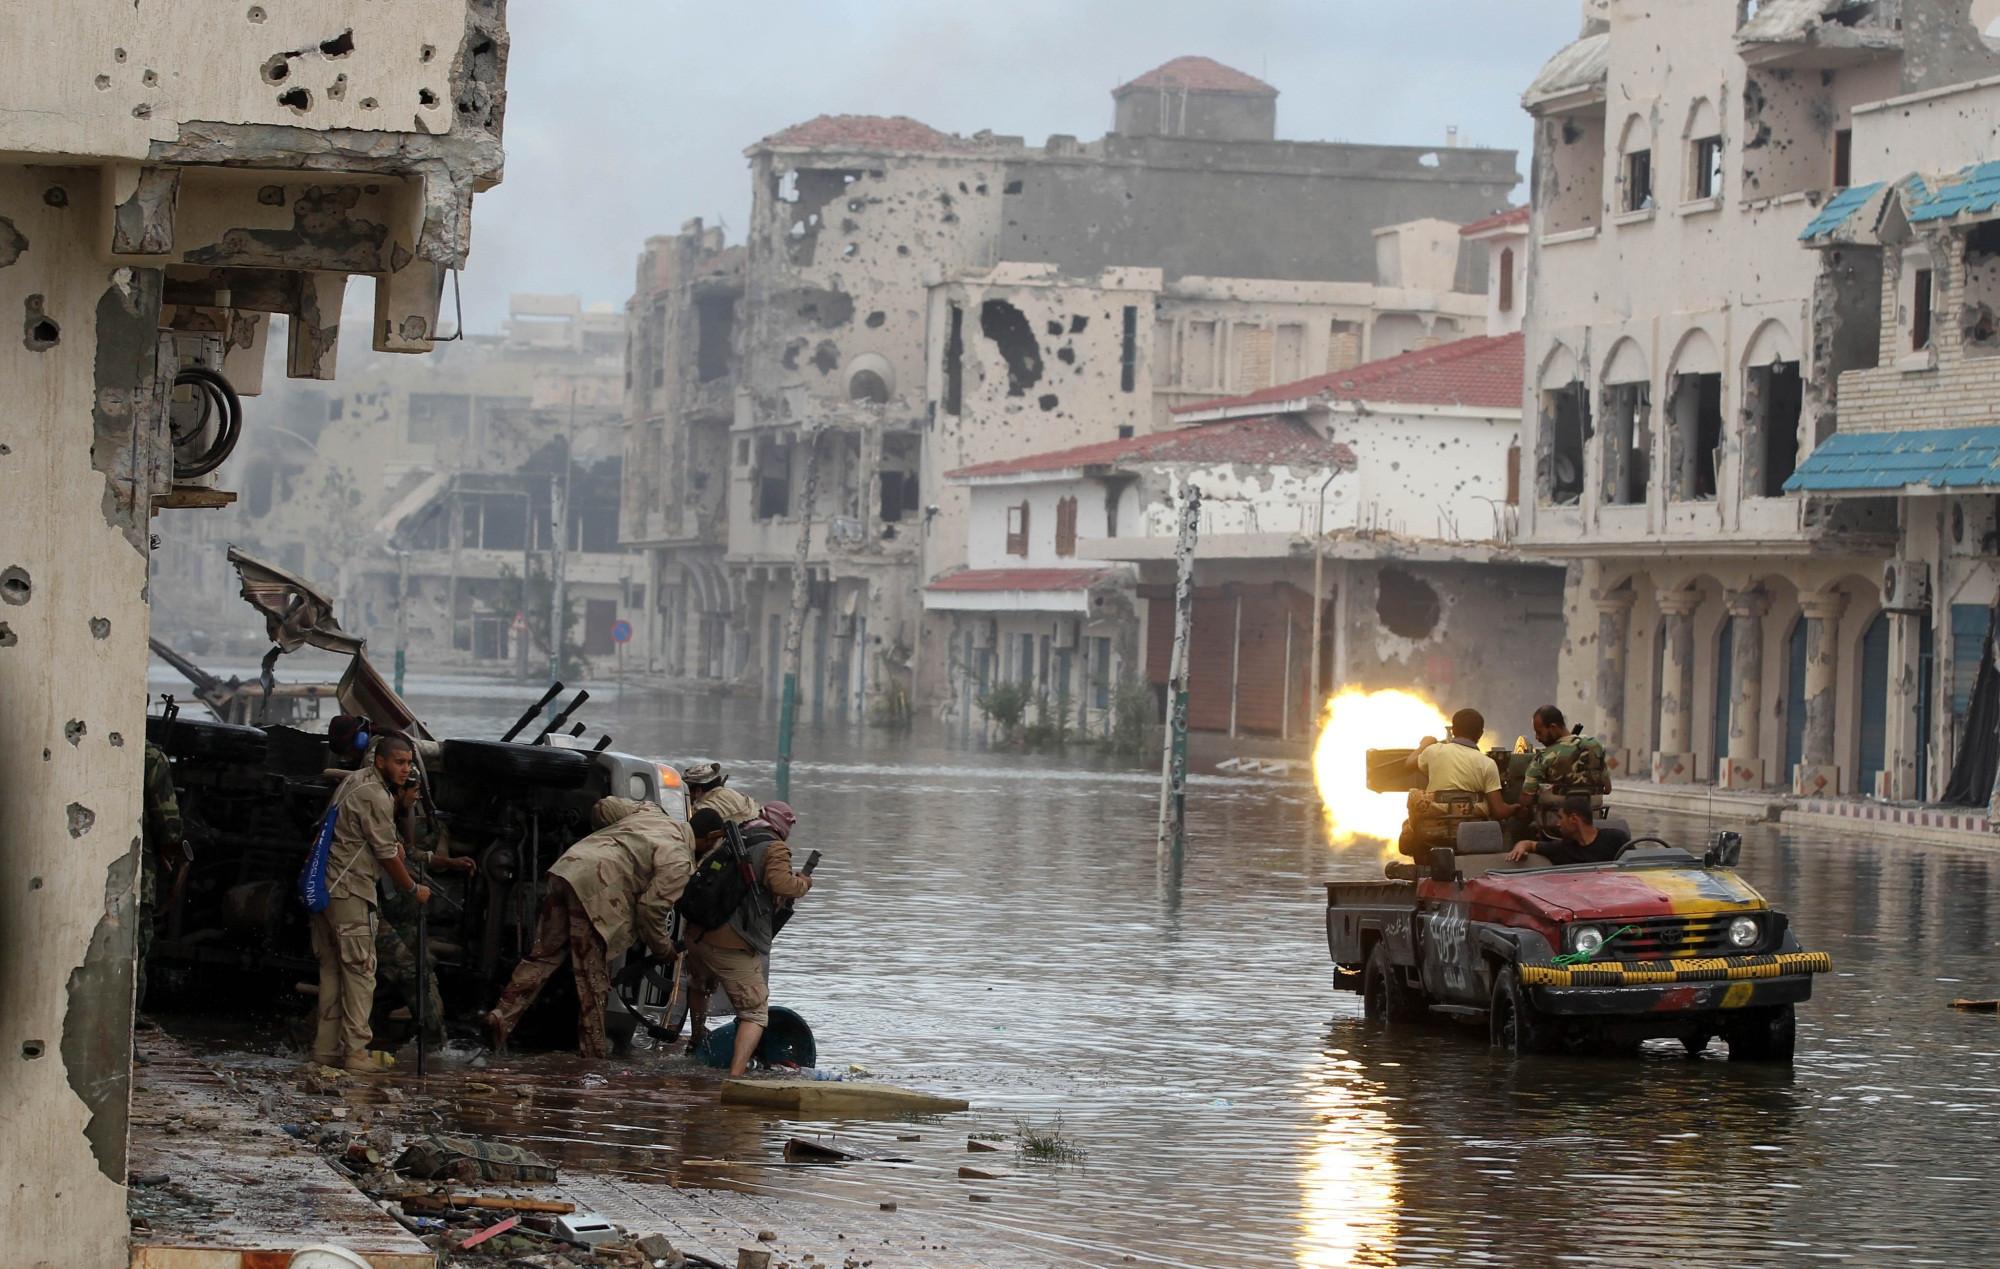 صورة سوريا انتهت..وطبول حرب كبرى تُقرع